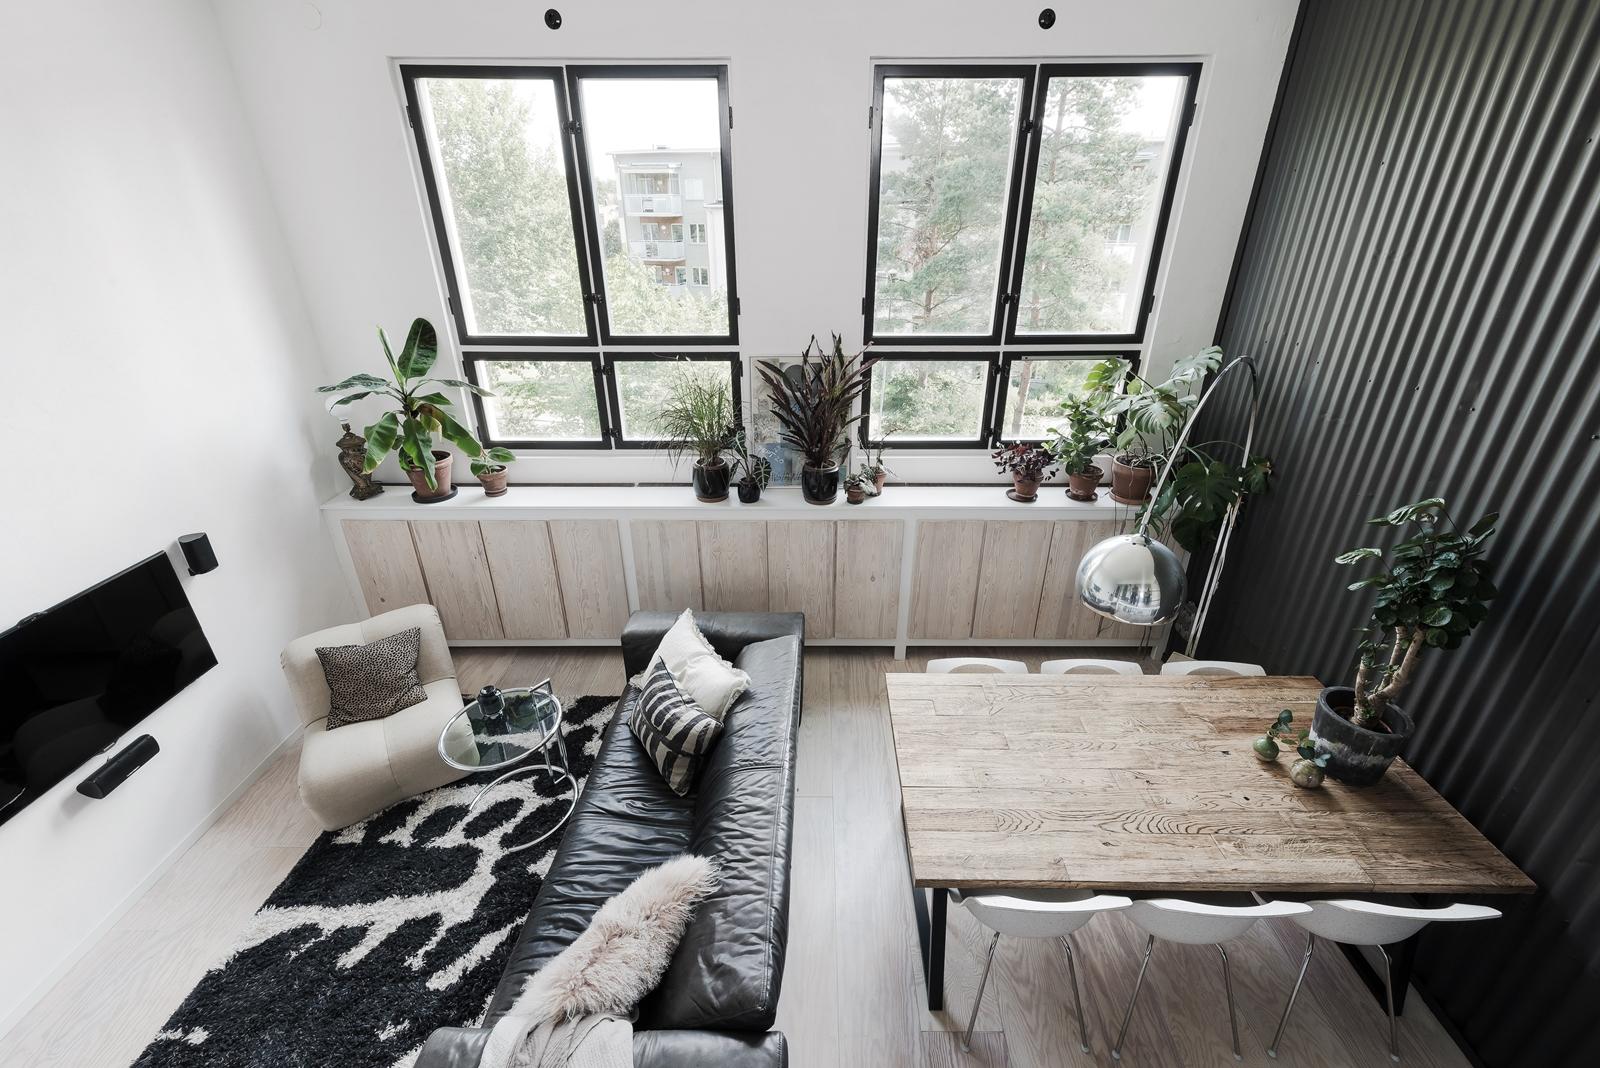 высокий потолок гостиная окна подоконник цветы стол стулья